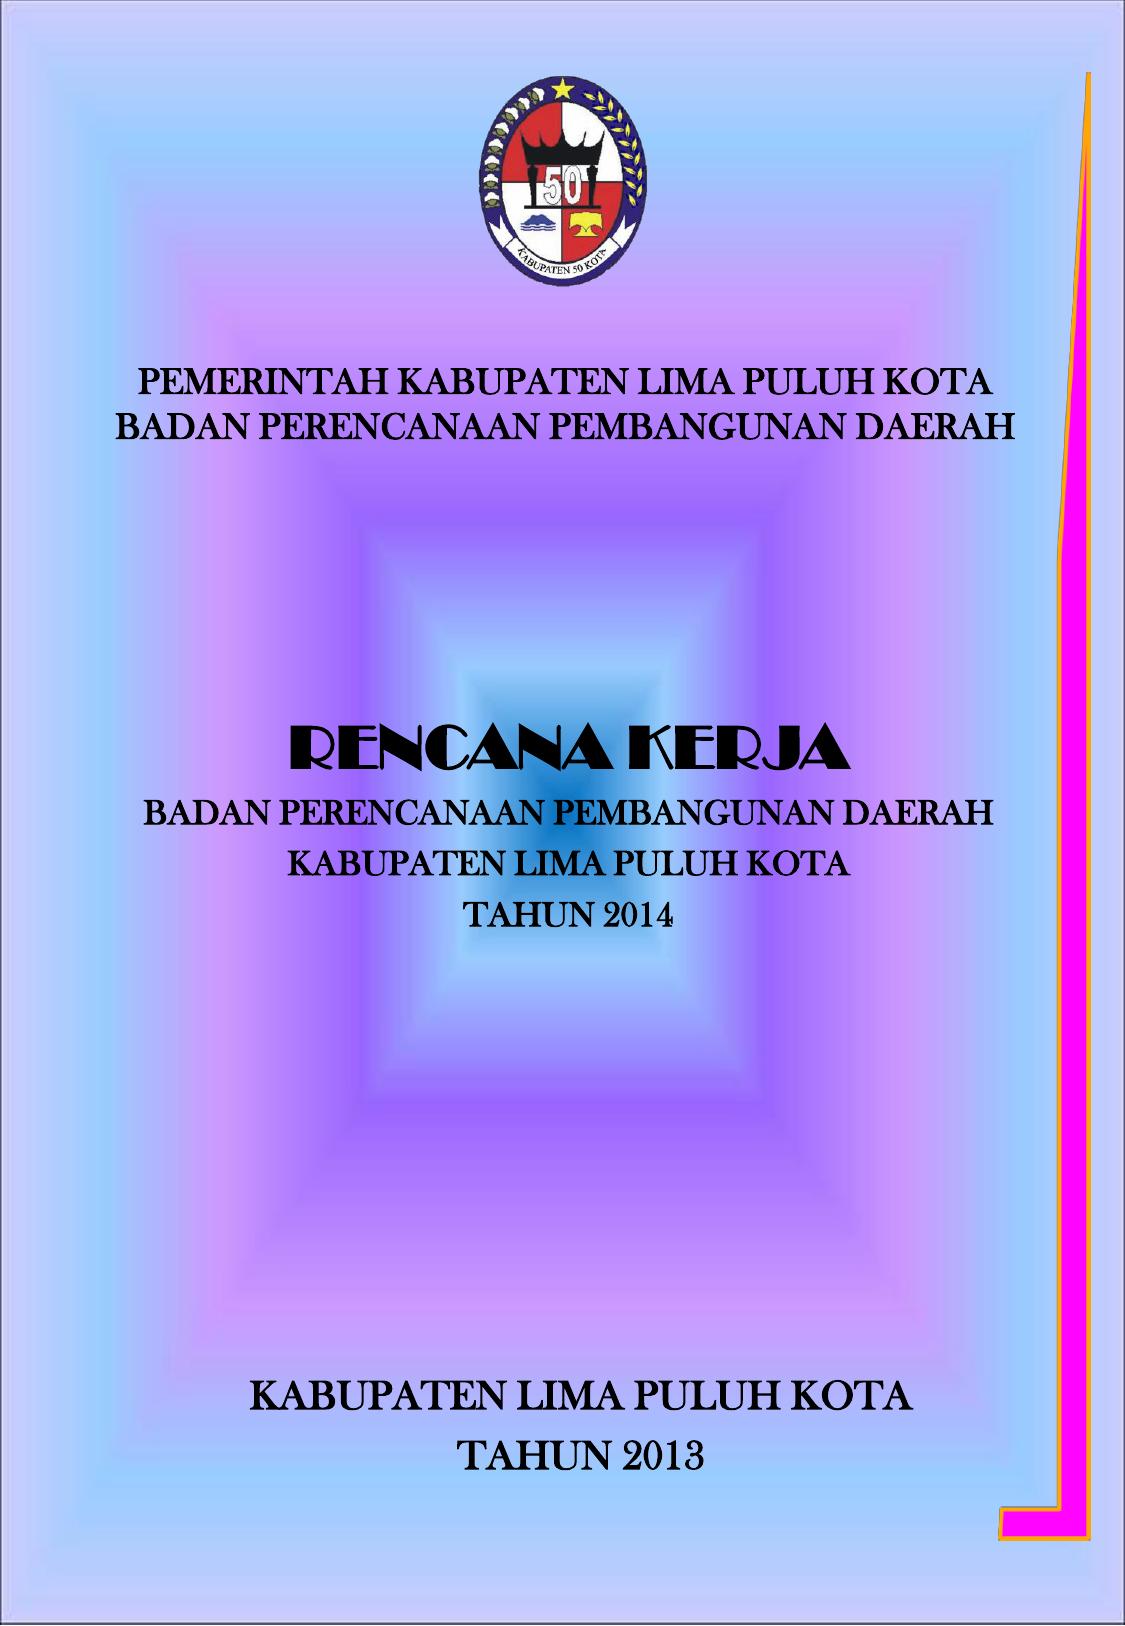 Rencana Kerja Kabupaten Lima Puluh Kota